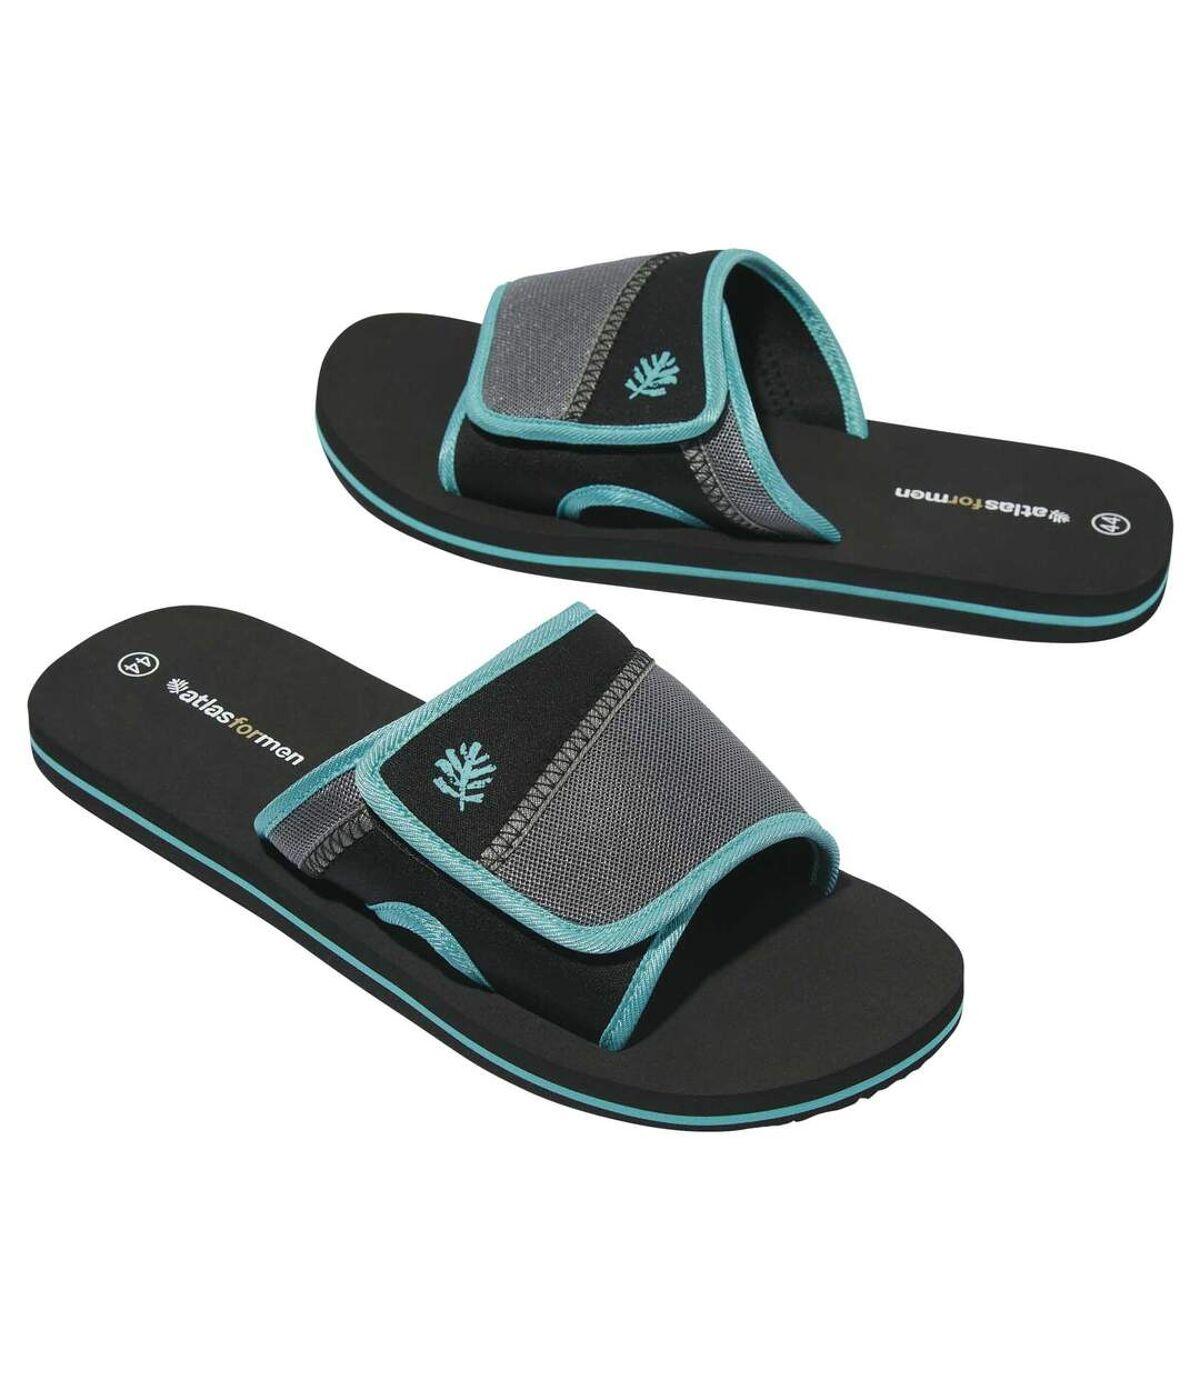 Plážové pantofle Tropical Atlas For Men